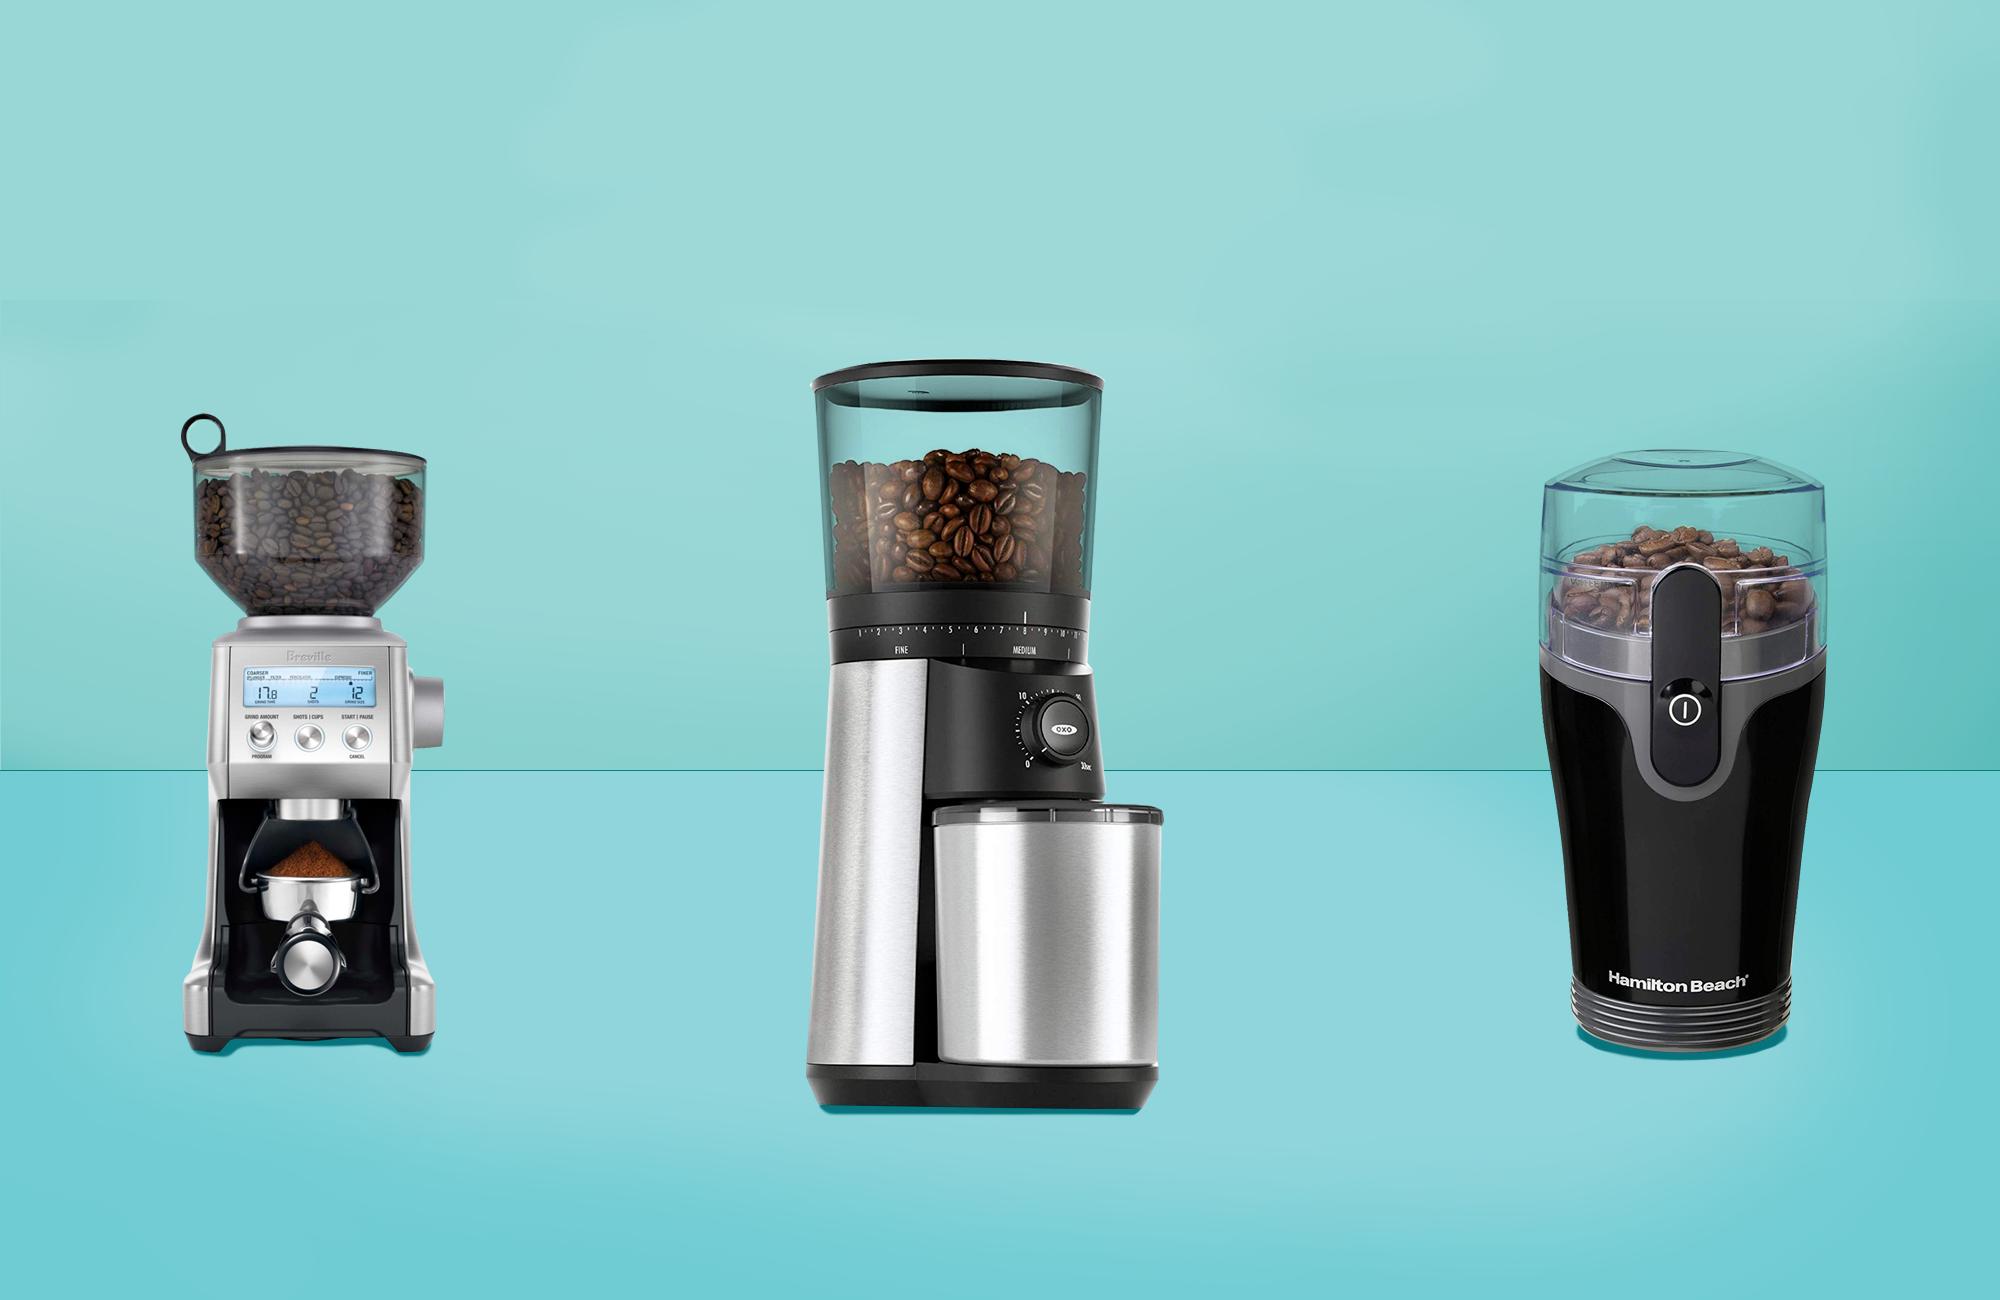 7 Best Coffee Grinders 2020 Top Rated Burr Manual Coffee Grinder